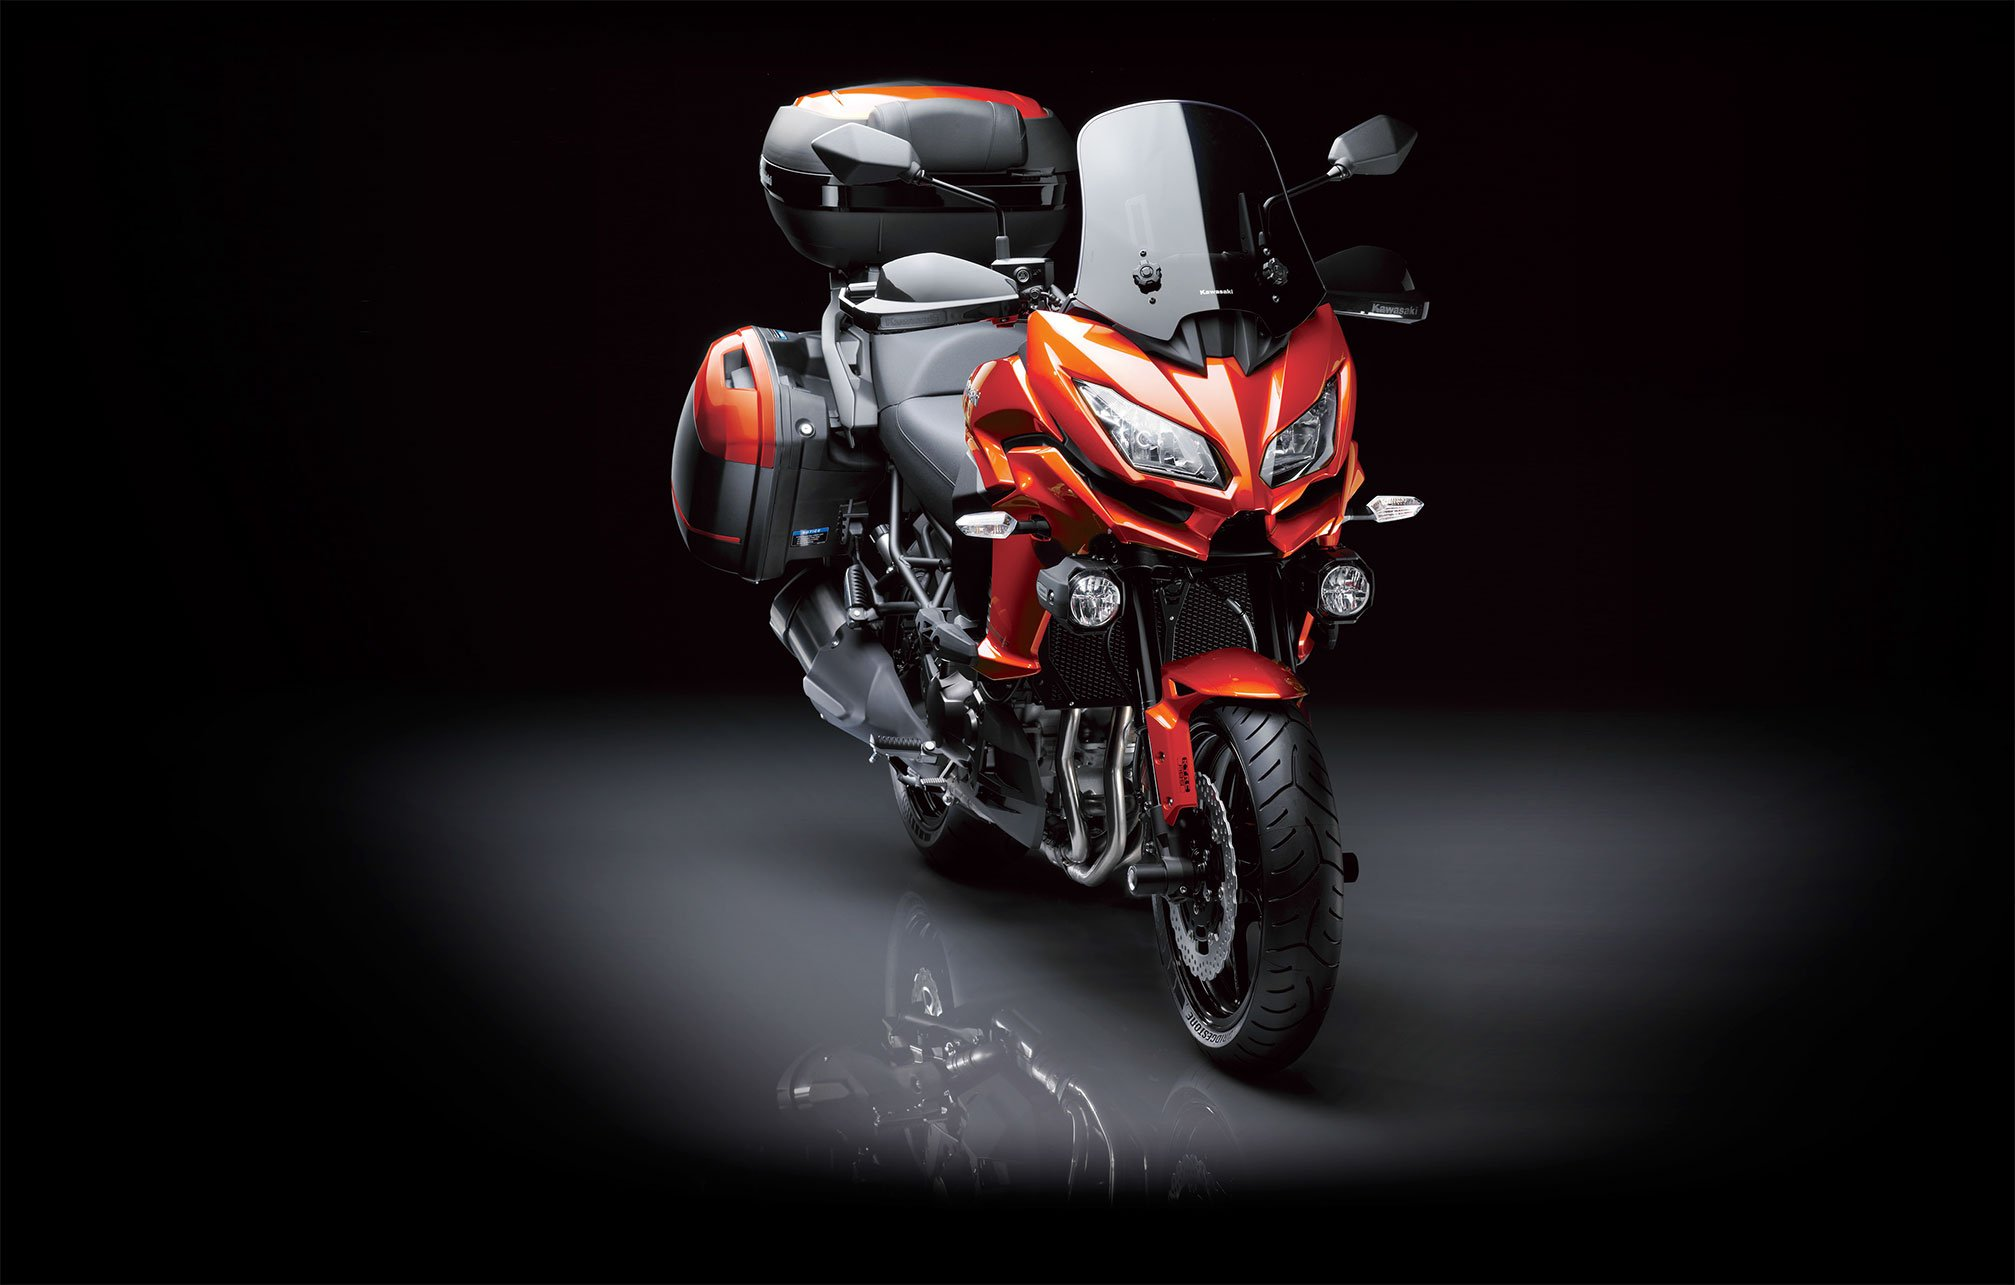 2015 Kawasaki Versys 1000 ABS Wallpaper